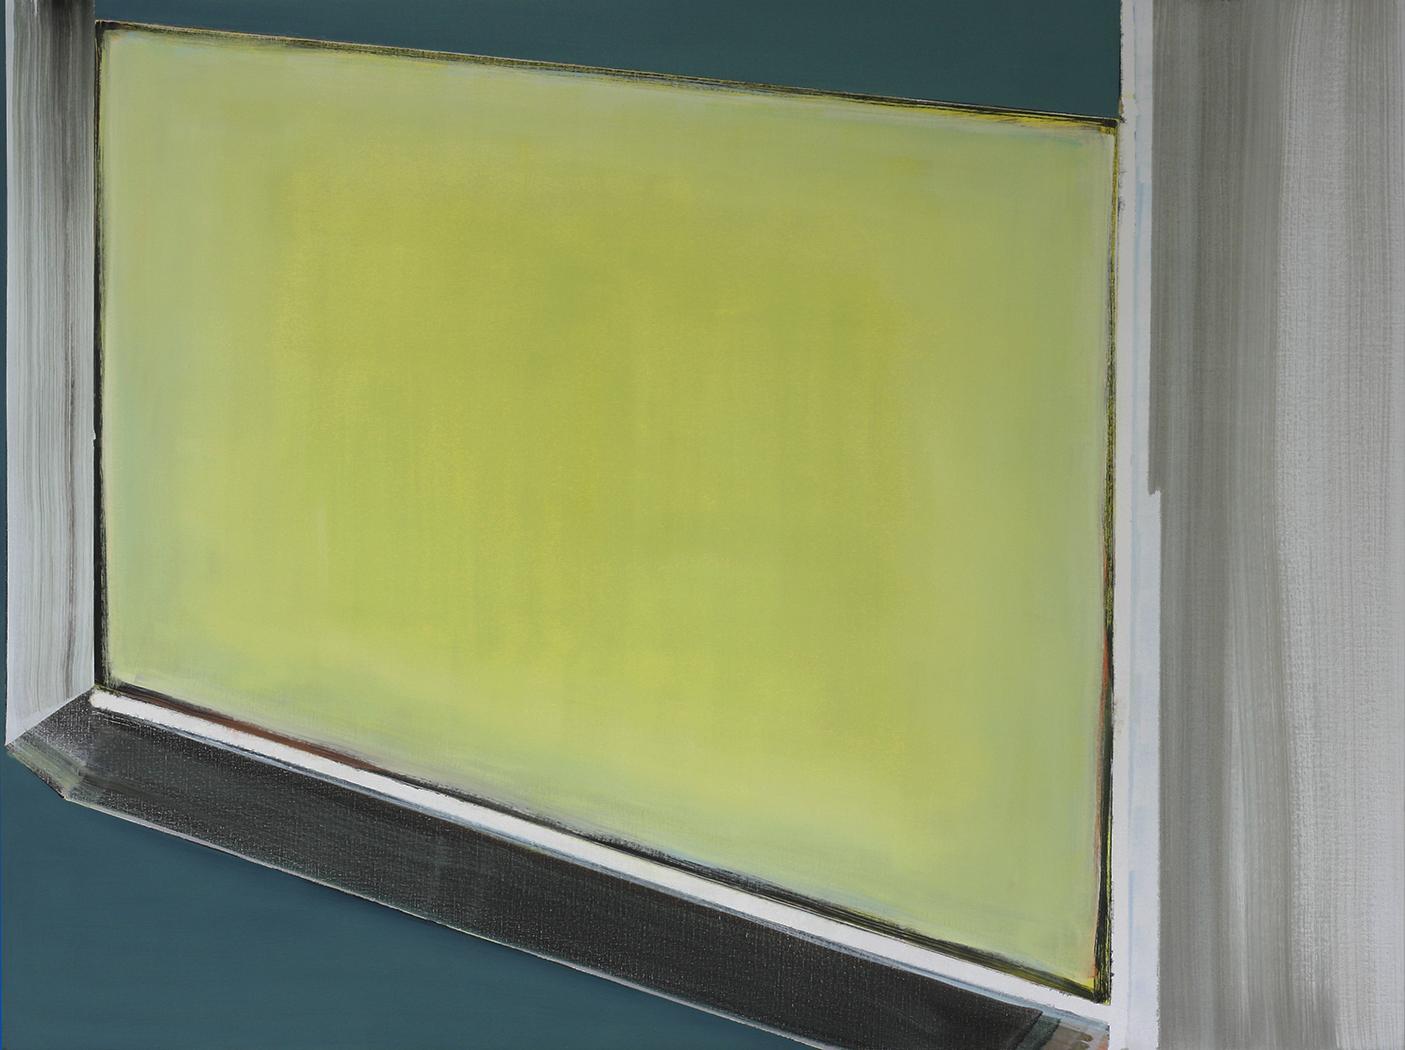 2e versie schilderij 2017 olieverf op linnen 120 x 160cm